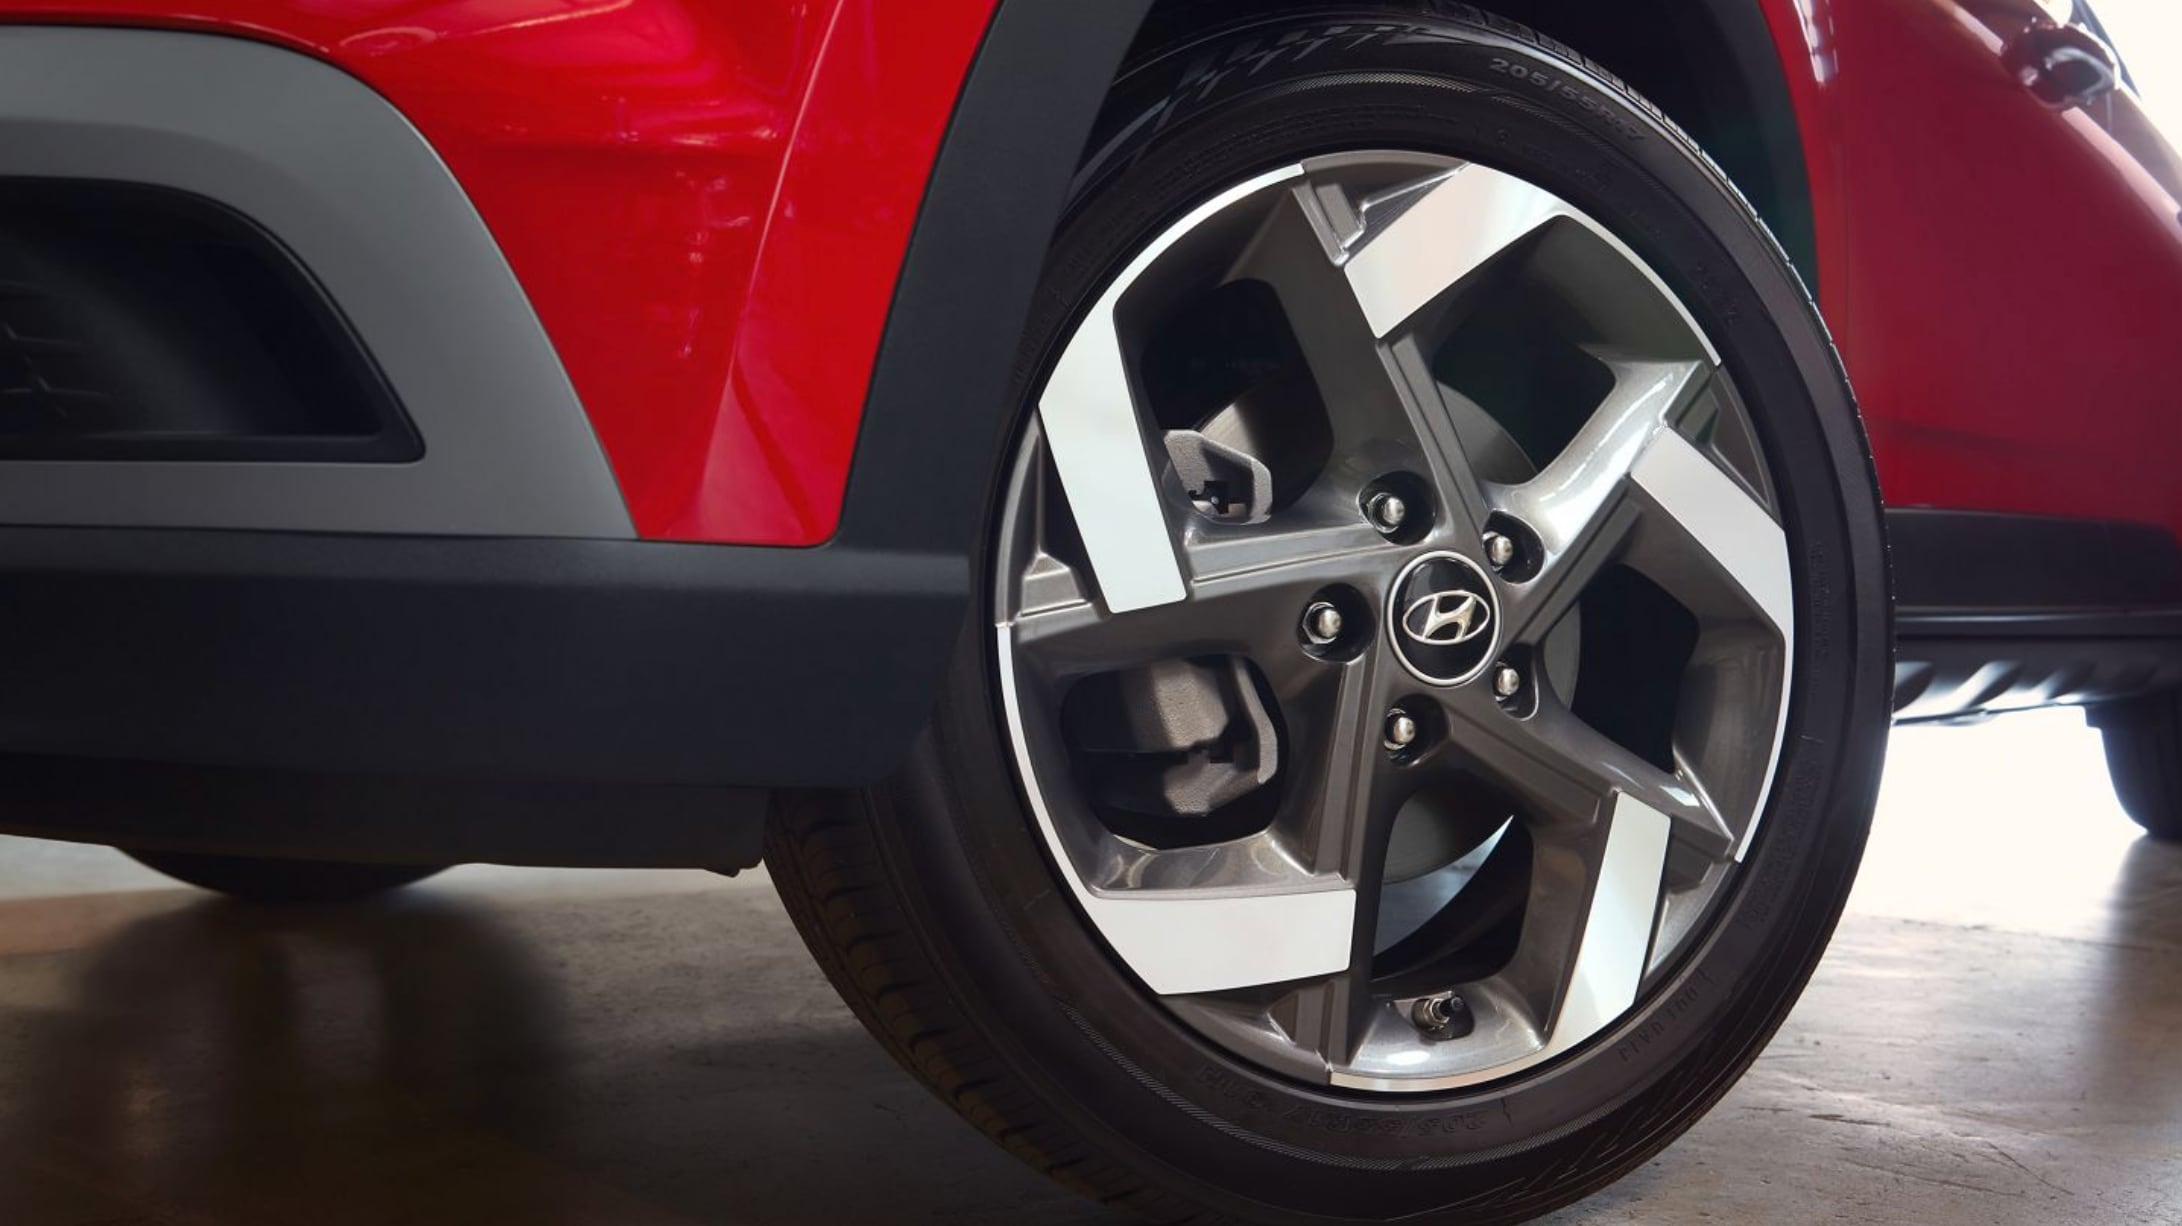 Hyundai Tires - Renton, WA